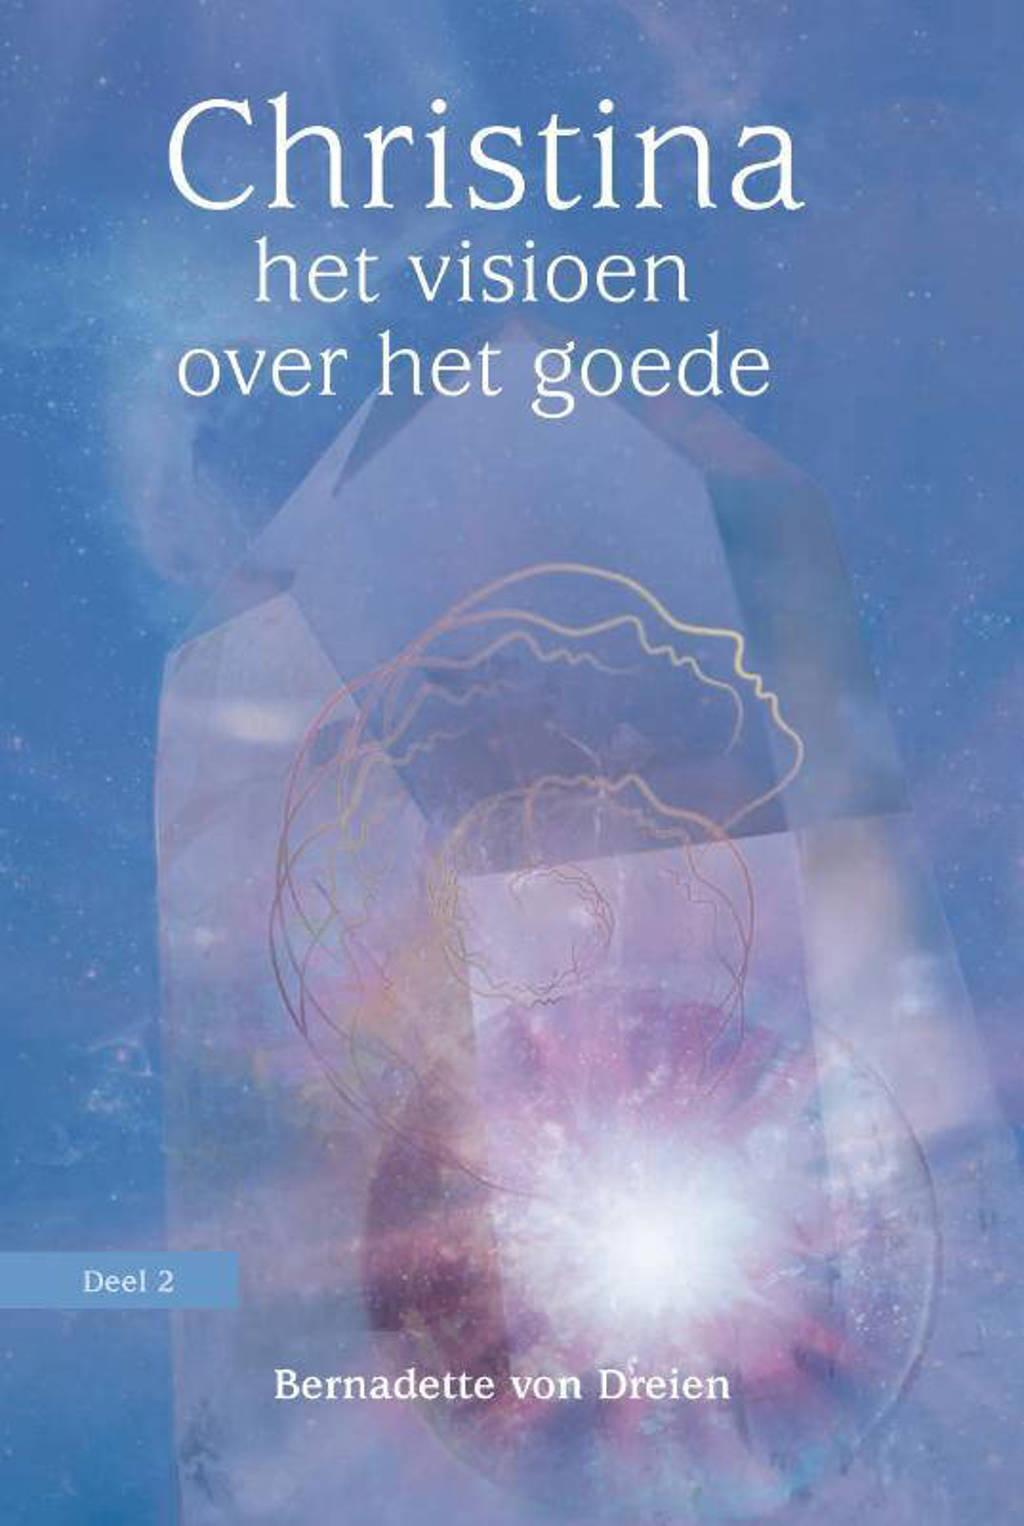 Christina: Het visioen over het goede - Bernadette von Dreien